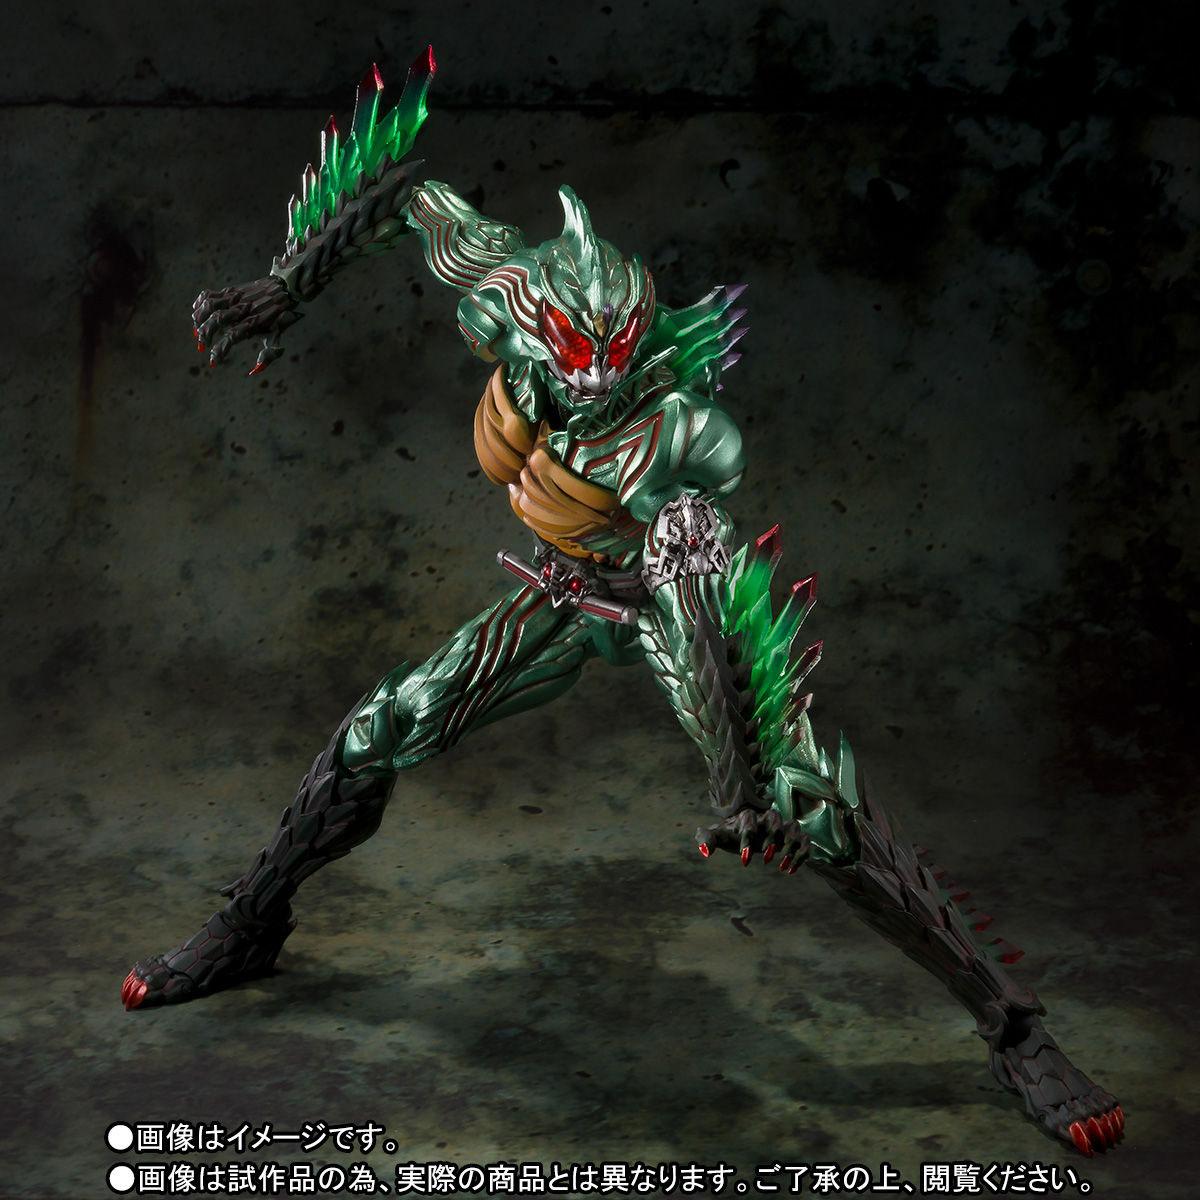 S.I.C.『仮面ライダーアマゾンオメガ|仮面ライダーアマゾンズ』可動フィギュア-006